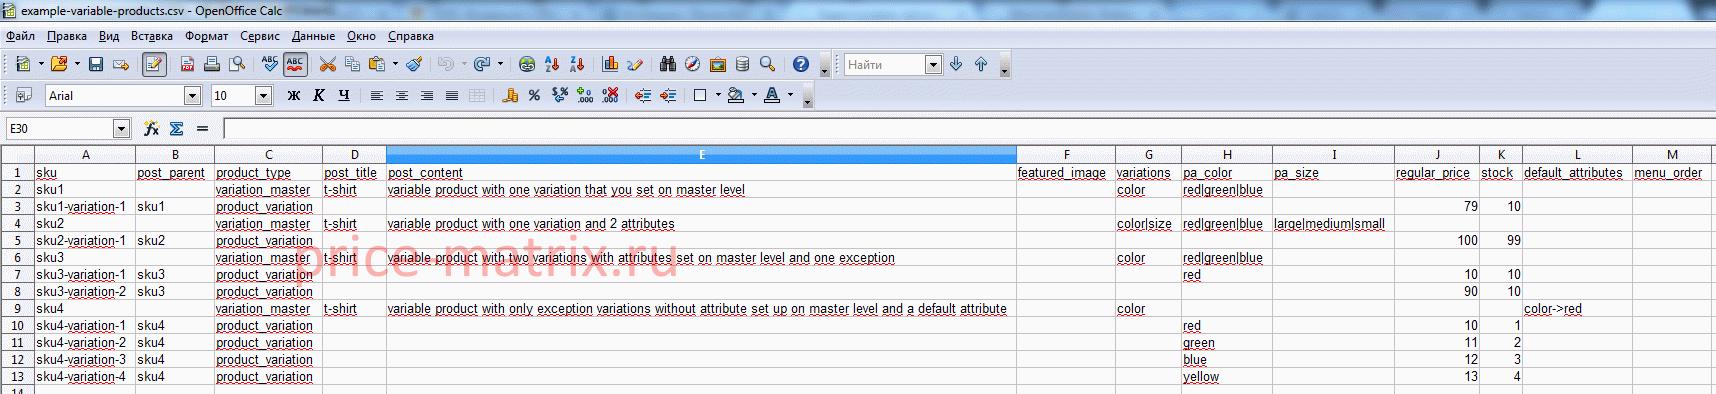 официальный пример файла товаров с вариантами